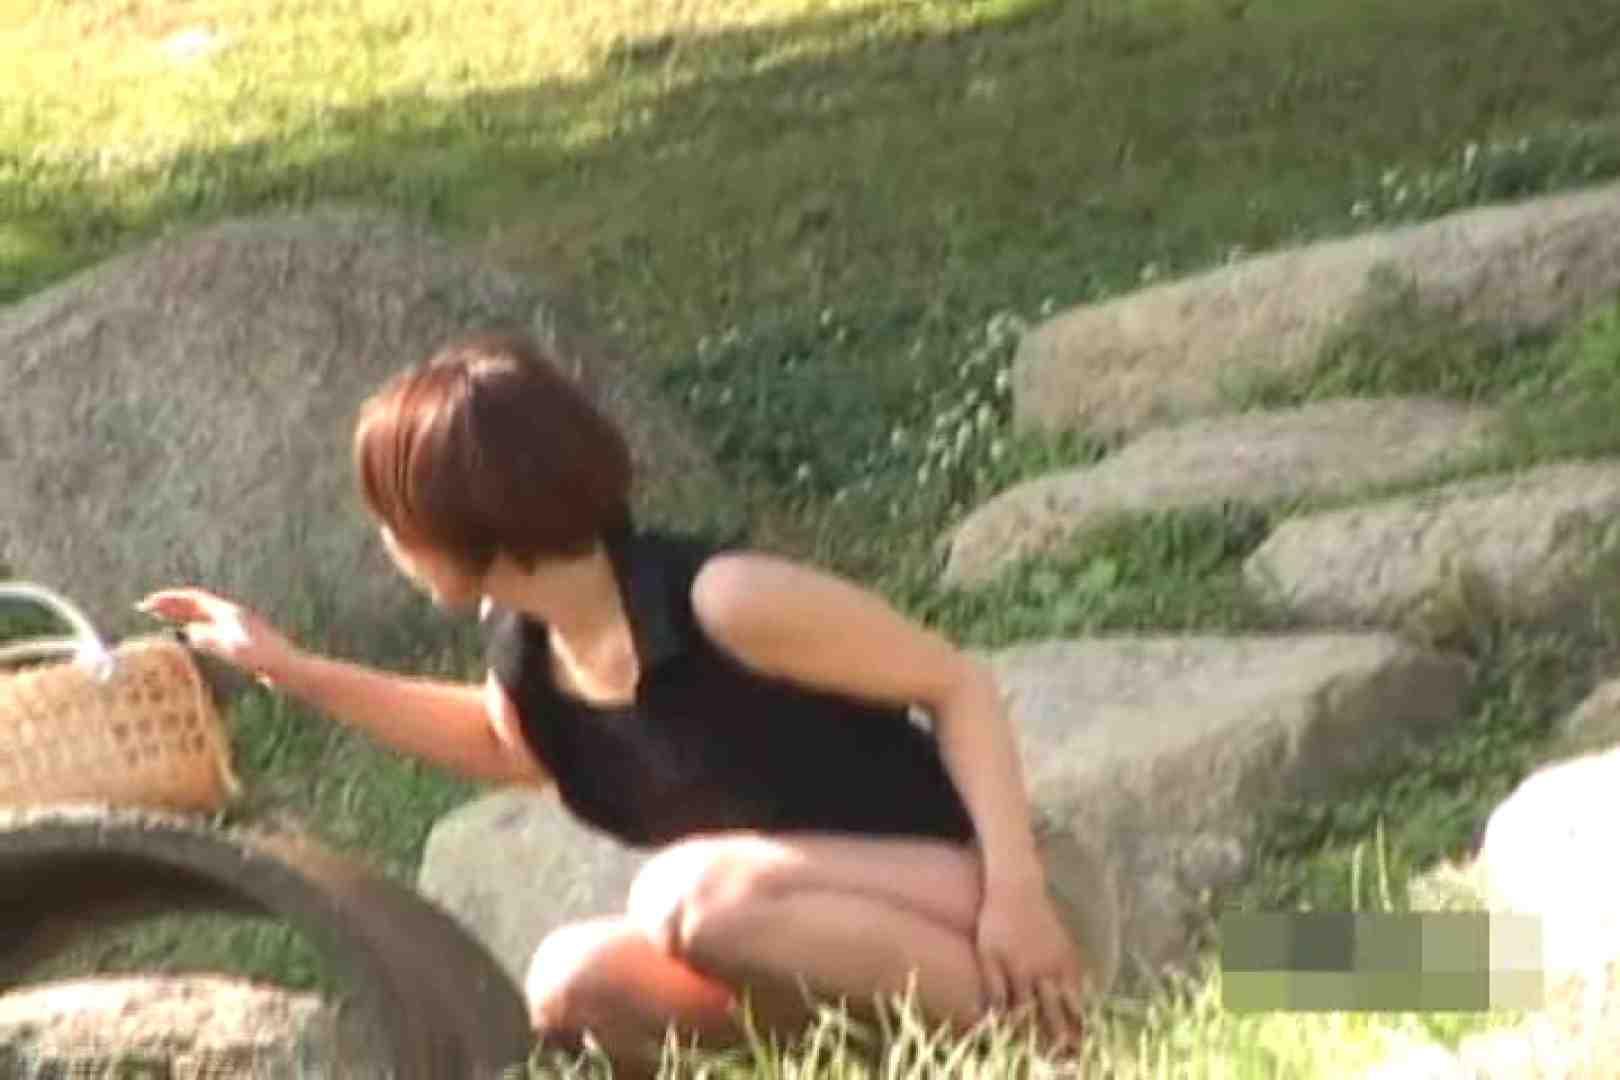 検証!隠し撮りスカートめくり!!Vol.6 ミニスカート SEX無修正画像 77pic 17